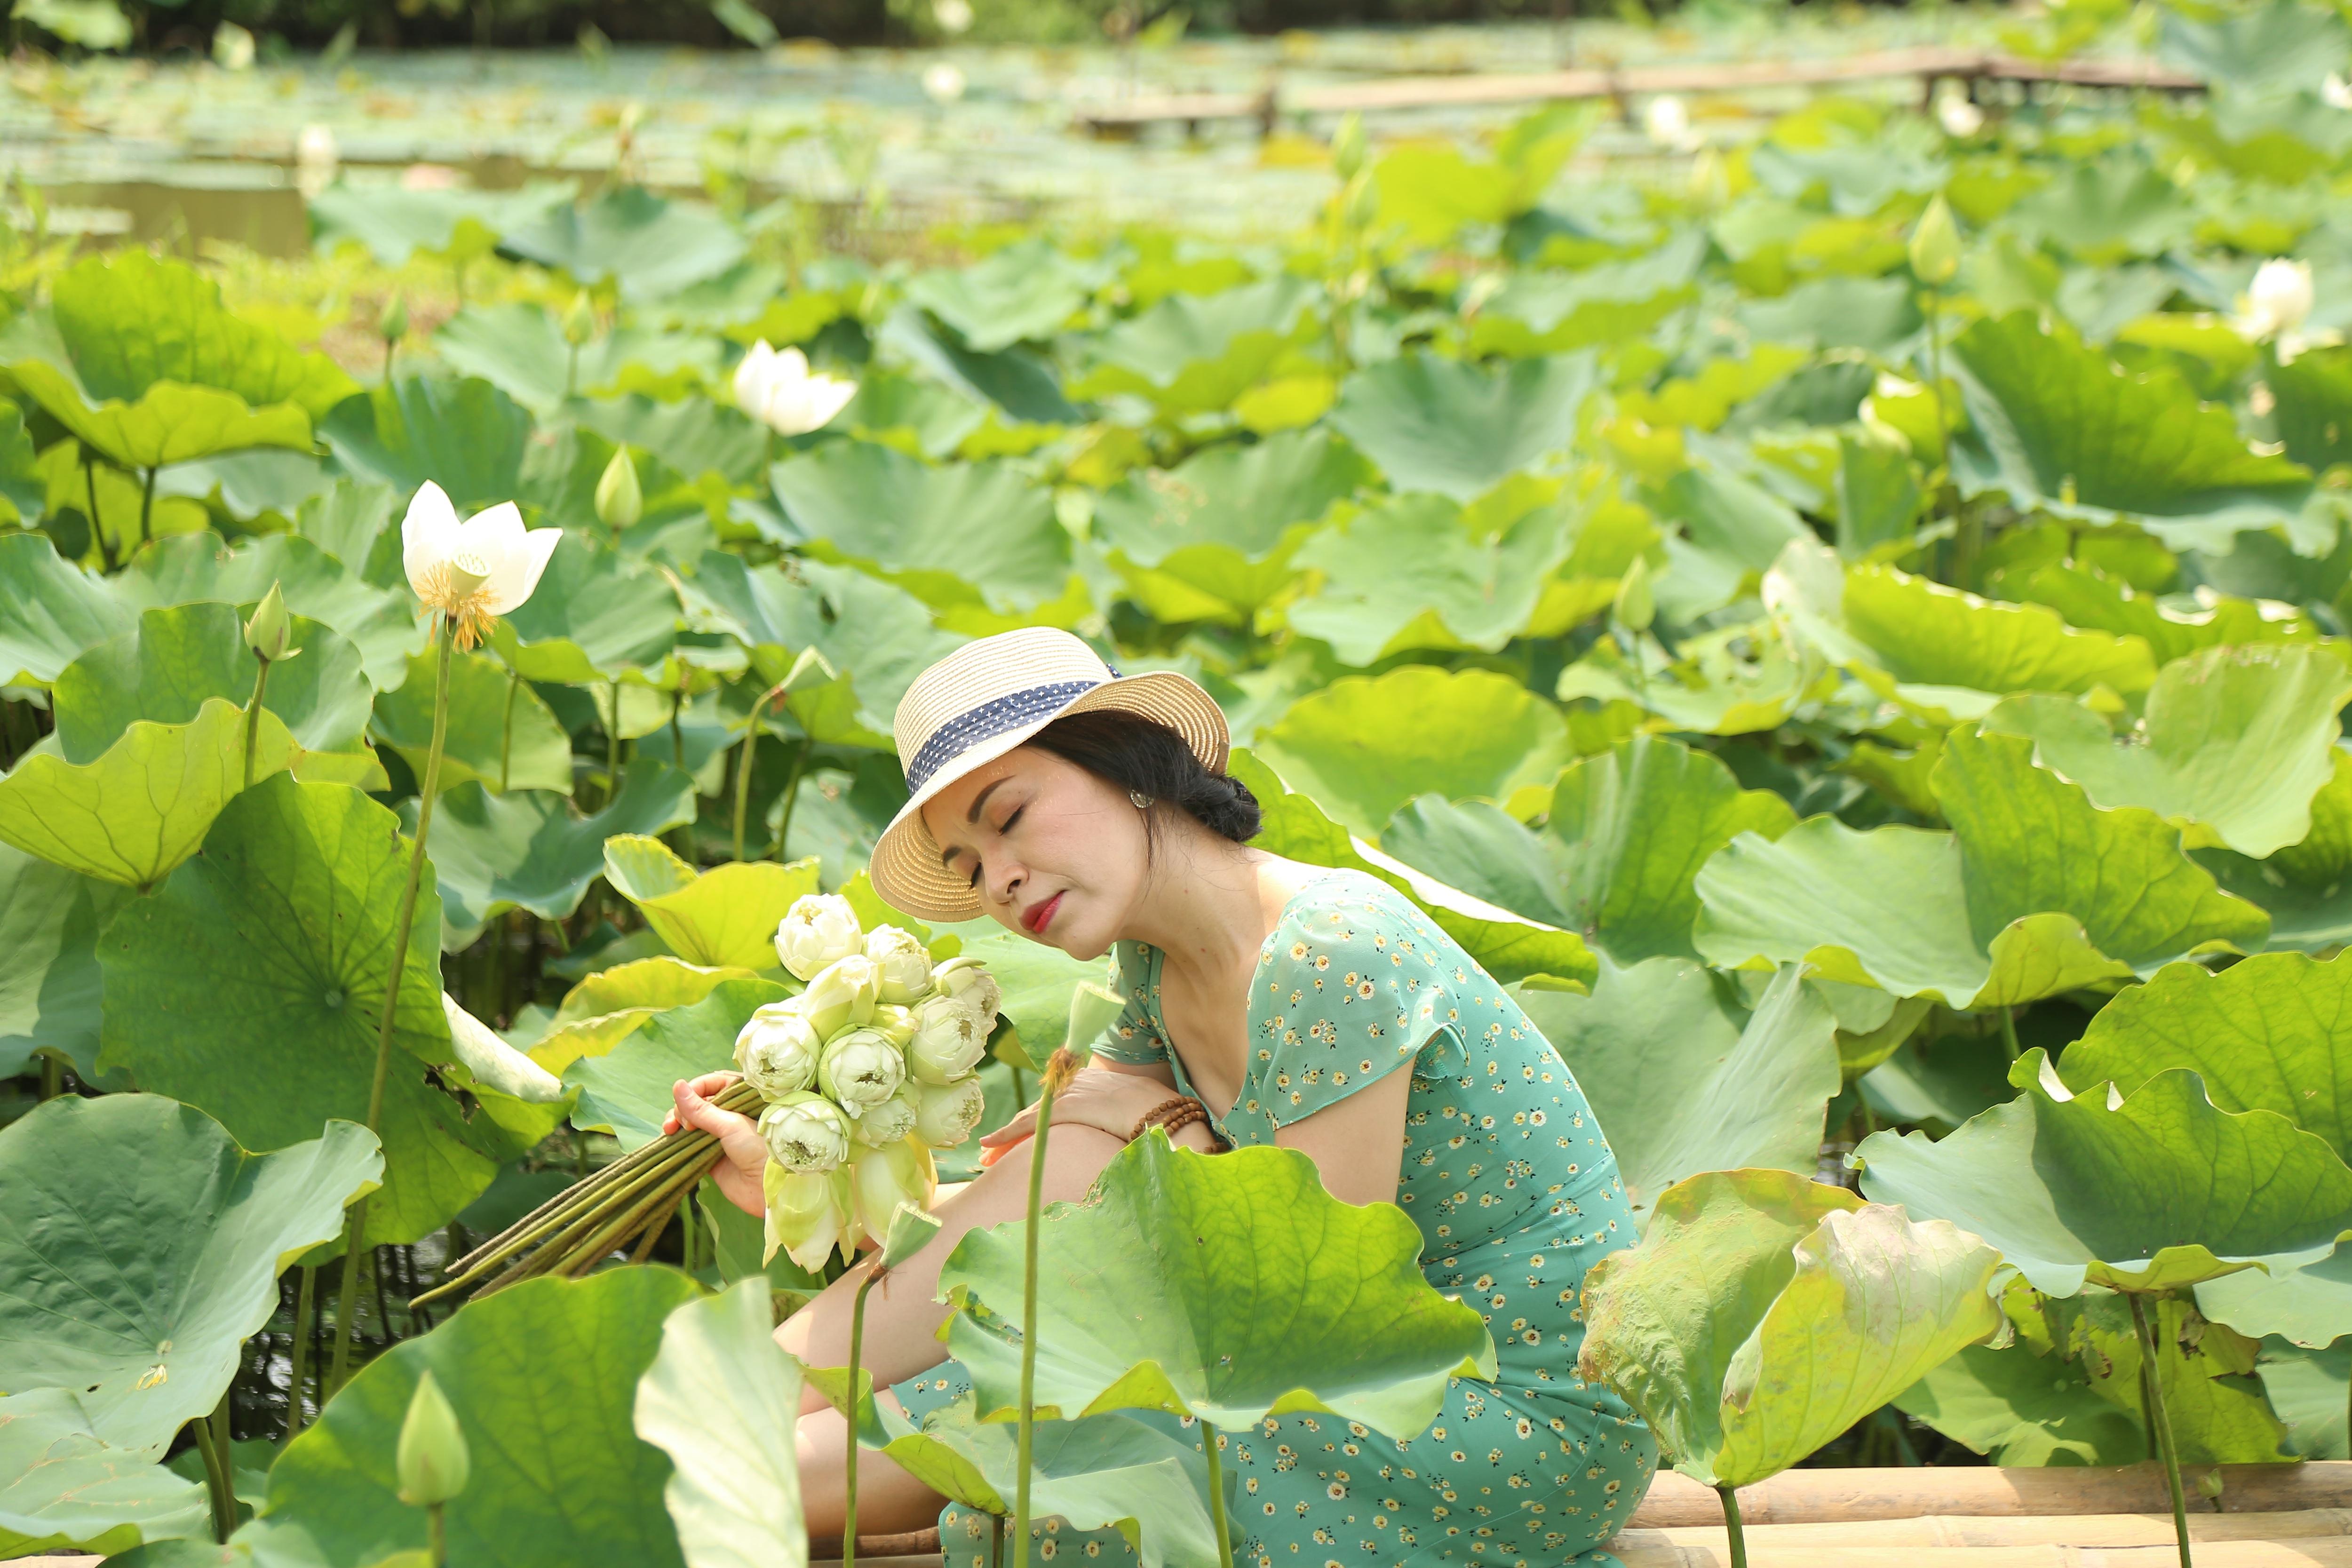 Hà Nội: Kiếm tiền triệu từ nghề trồng hoa sen trắng - Ảnh 8.